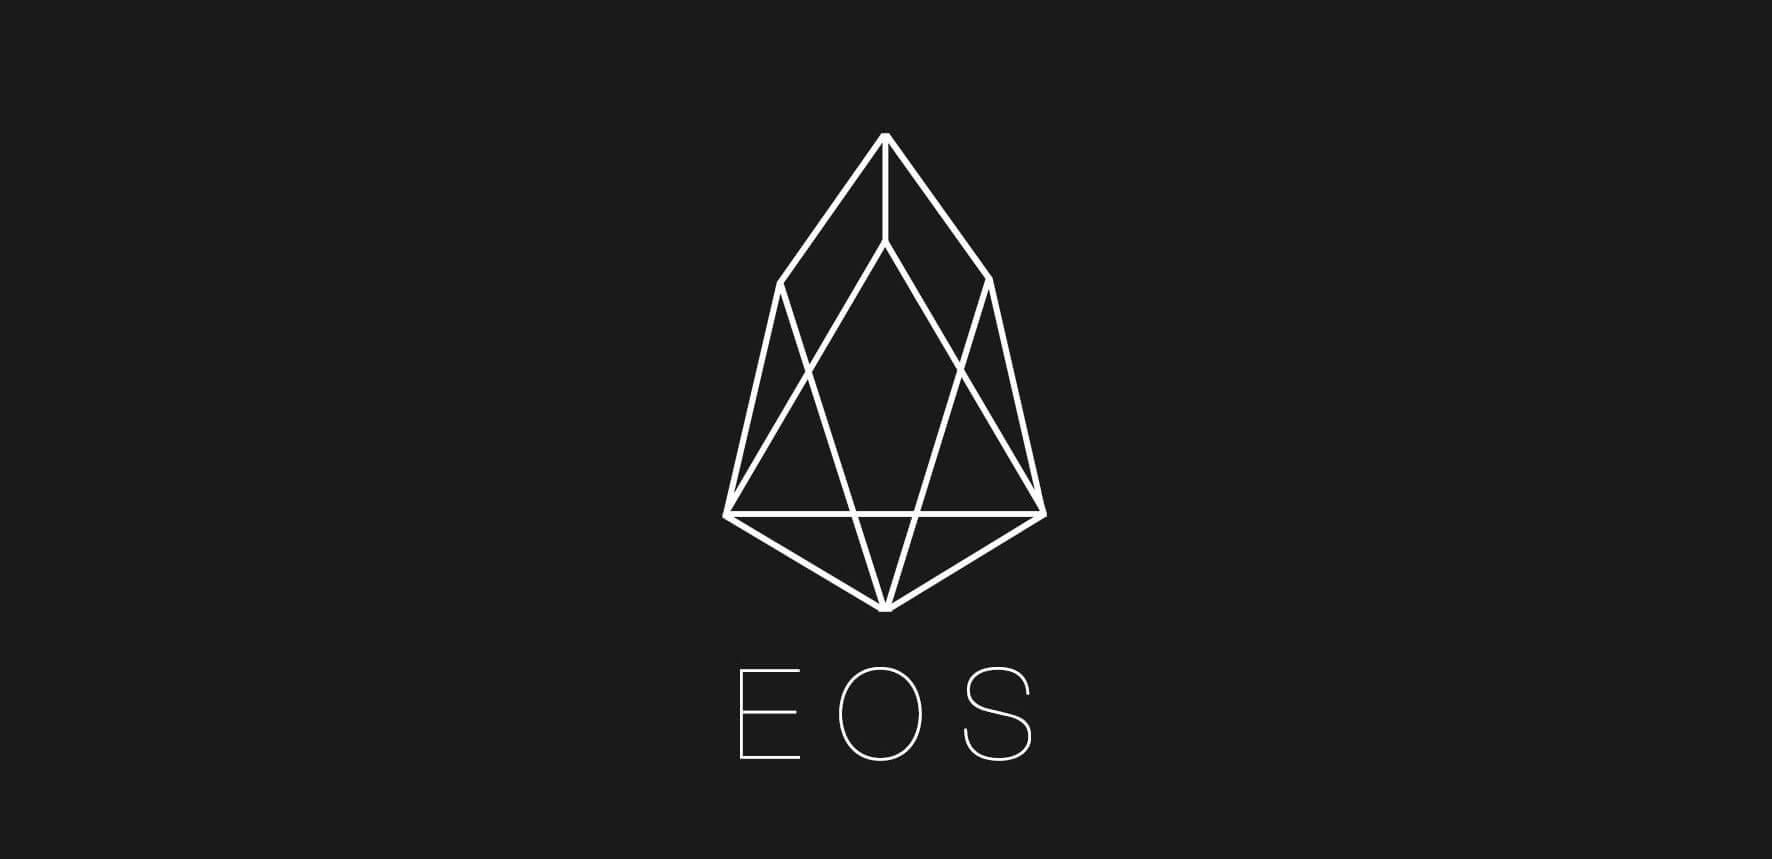 EOS bị bán quá mức. Đây là điểm nhập cảnh tốt